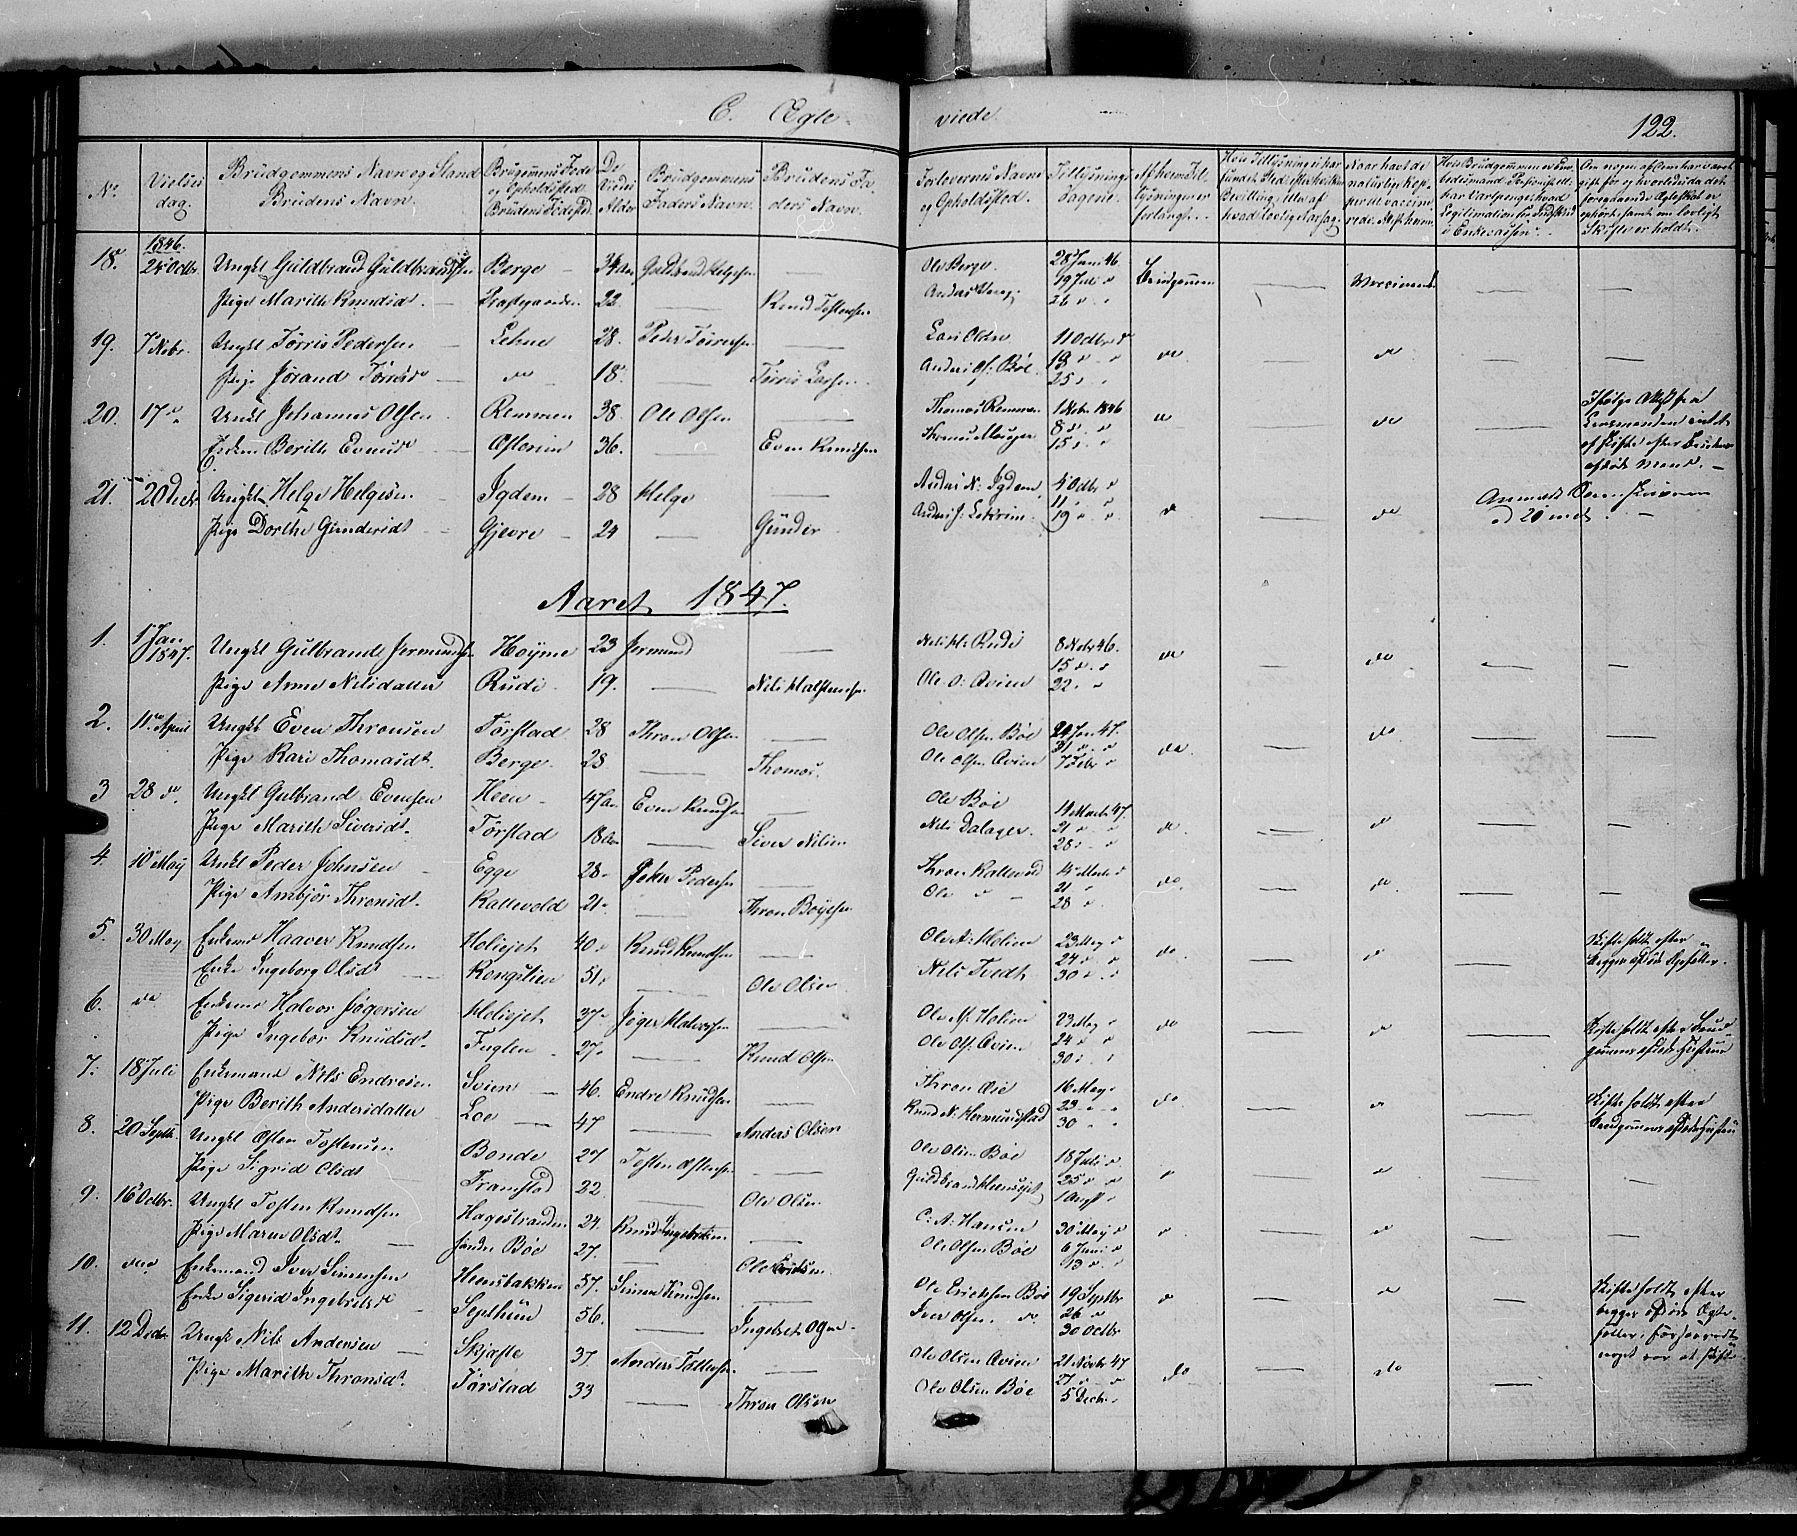 SAH, Vang prestekontor, Valdres, Ministerialbok nr. 6, 1846-1864, s. 122